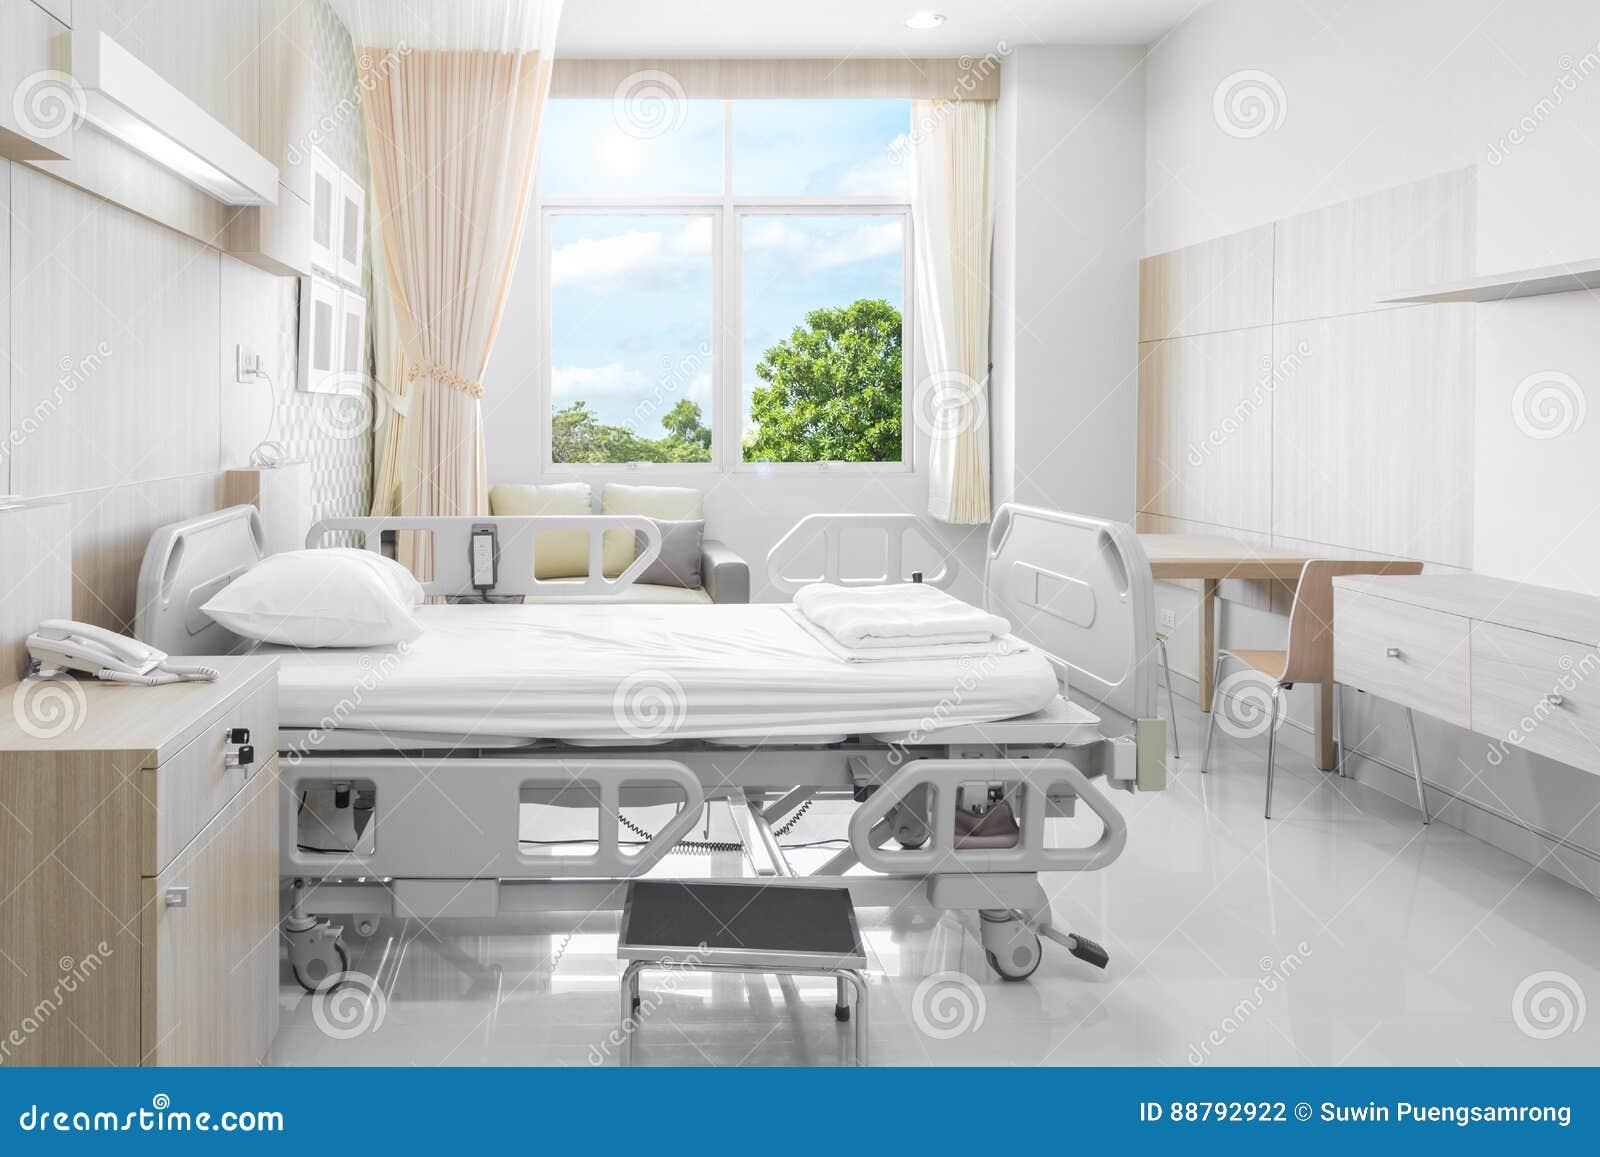 Sala de hospital com camas e o médico confortável equipada em um mo